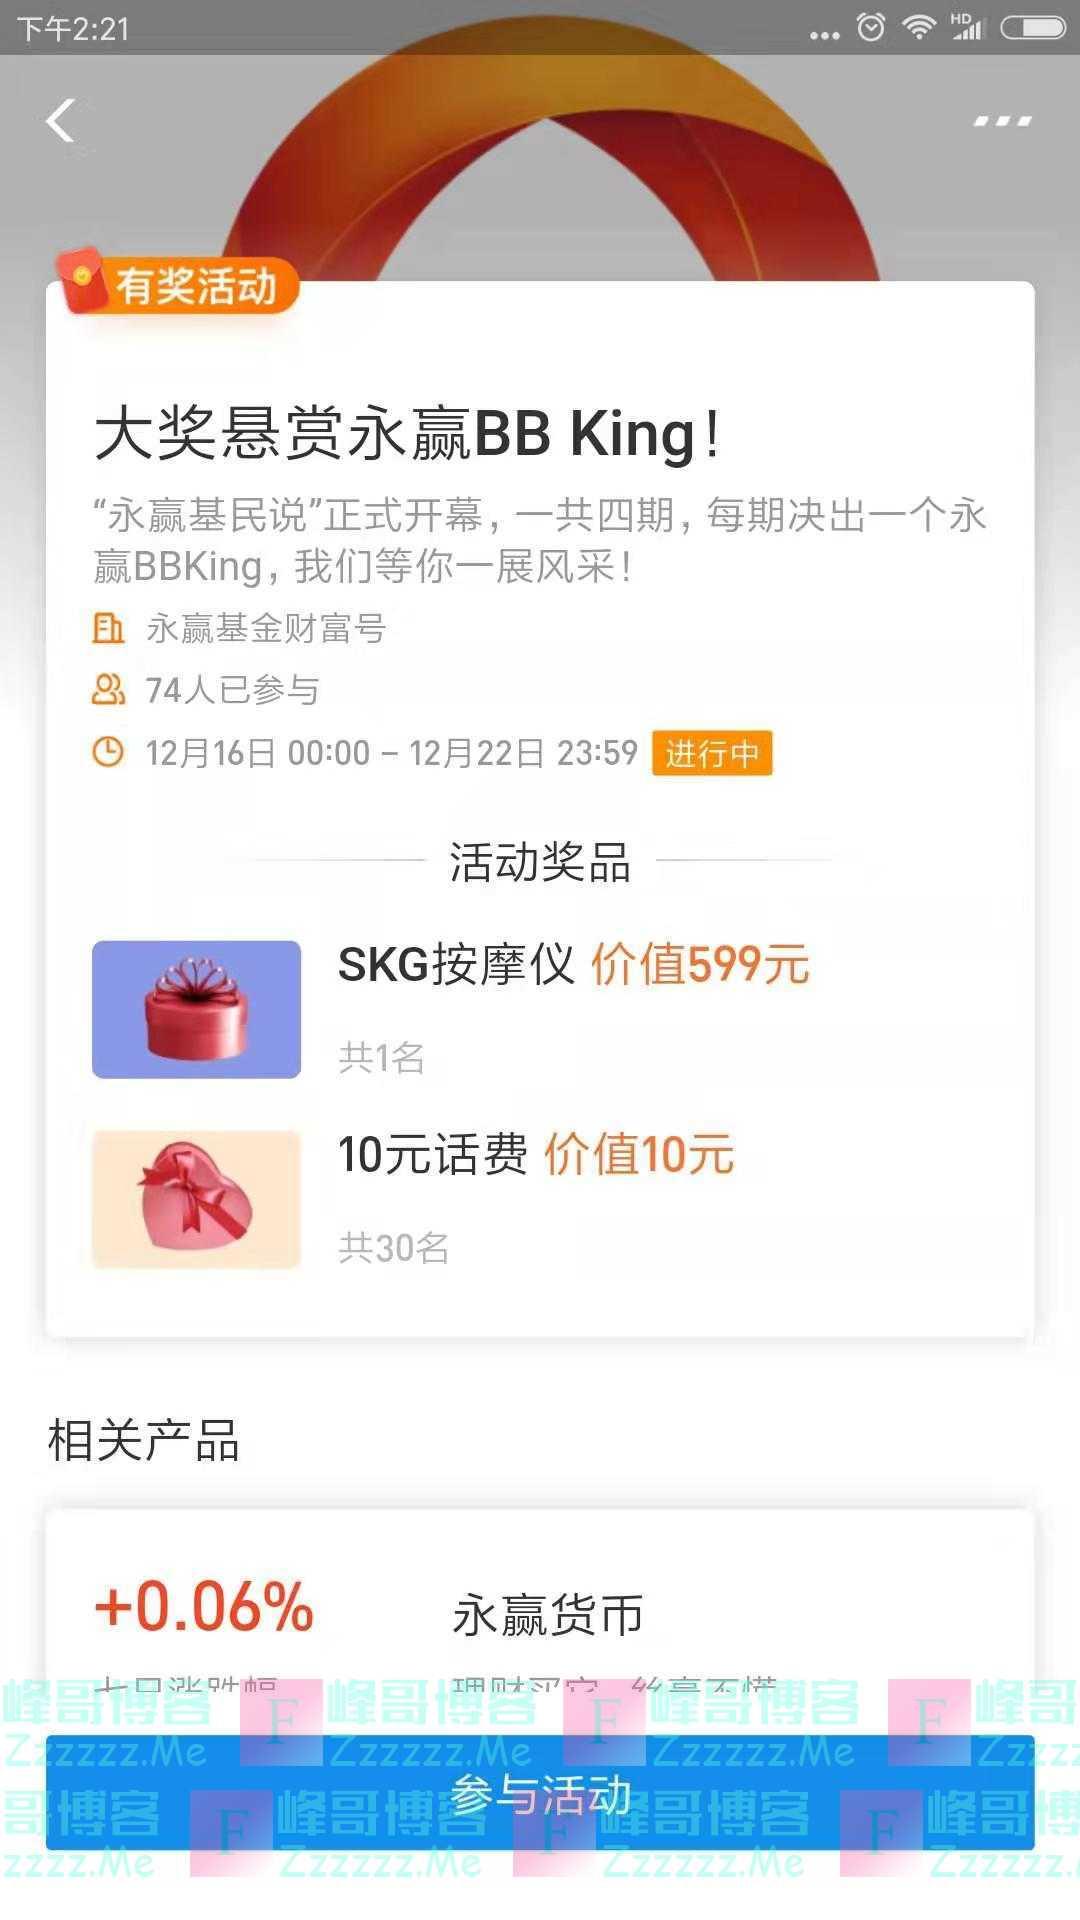 永赢基金大奖悬赏永赢BB King(截止12月22日)